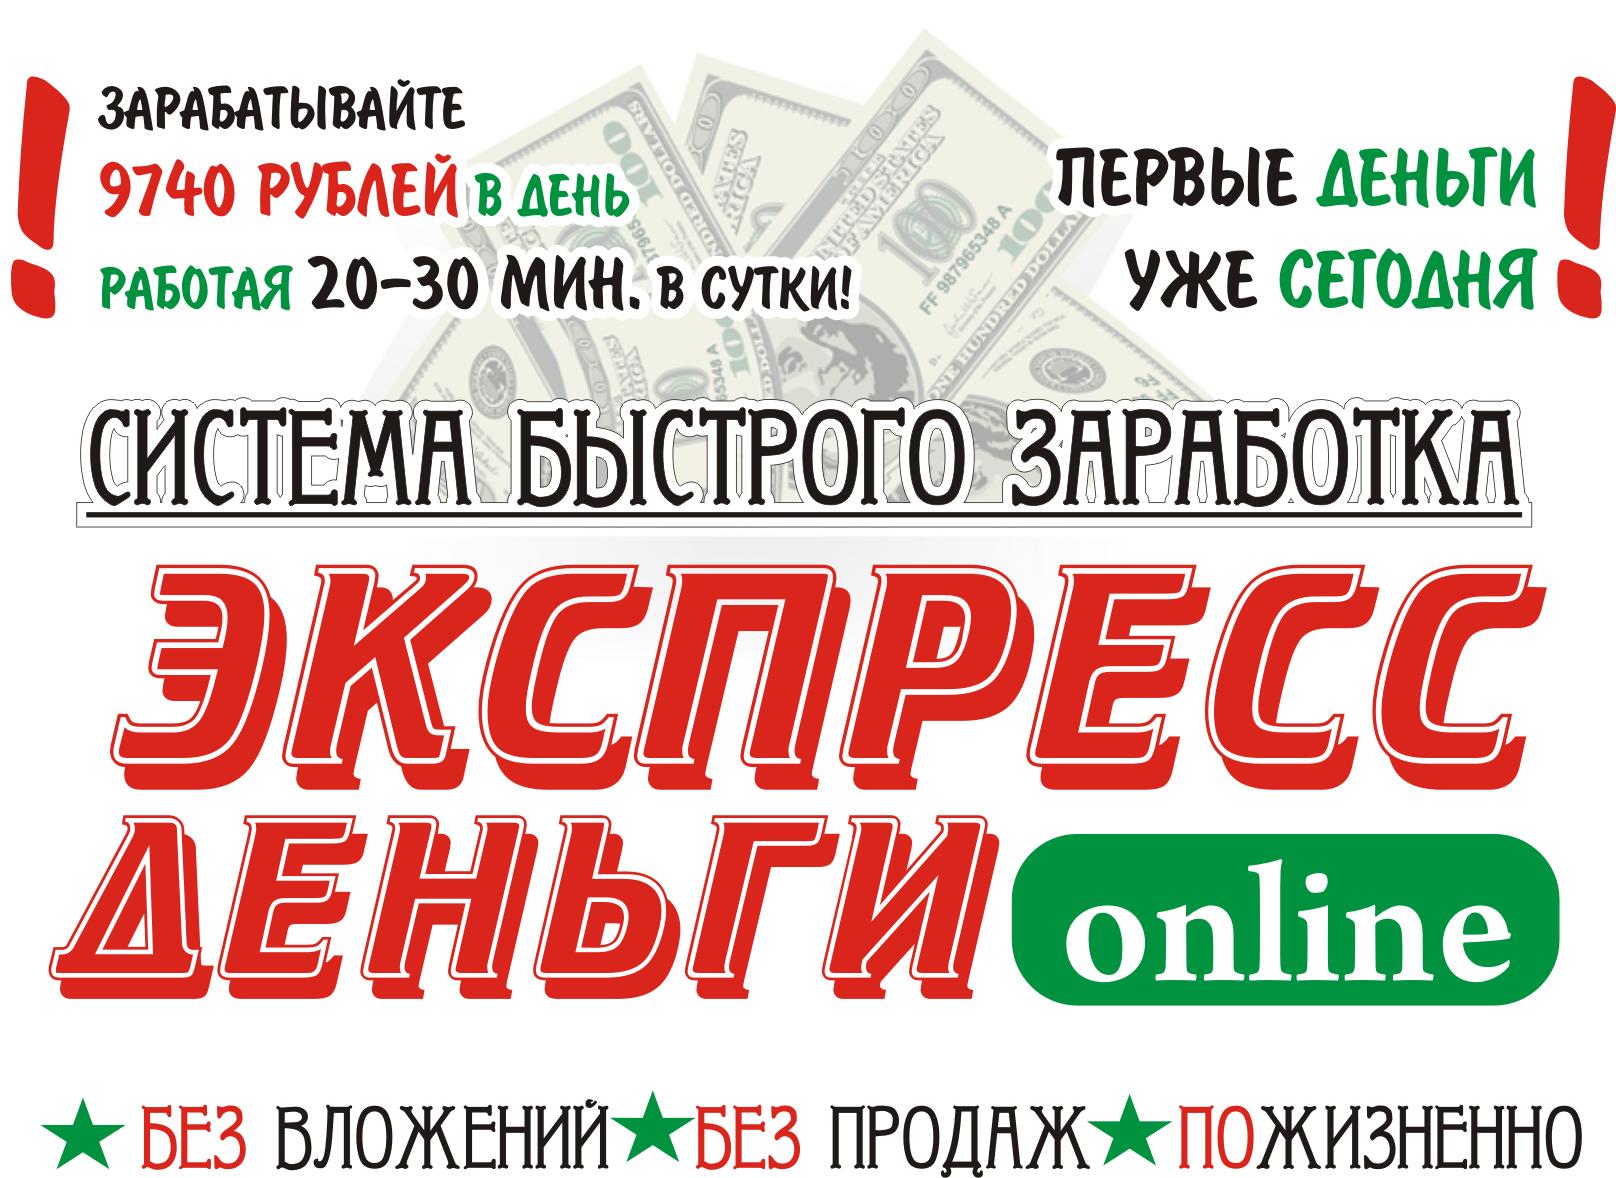 http://u1.platformalp.ru/196f047643209c9a4e2beeffd0adf7fa/ed423906af3e041039acb7e1e91f98cd.png